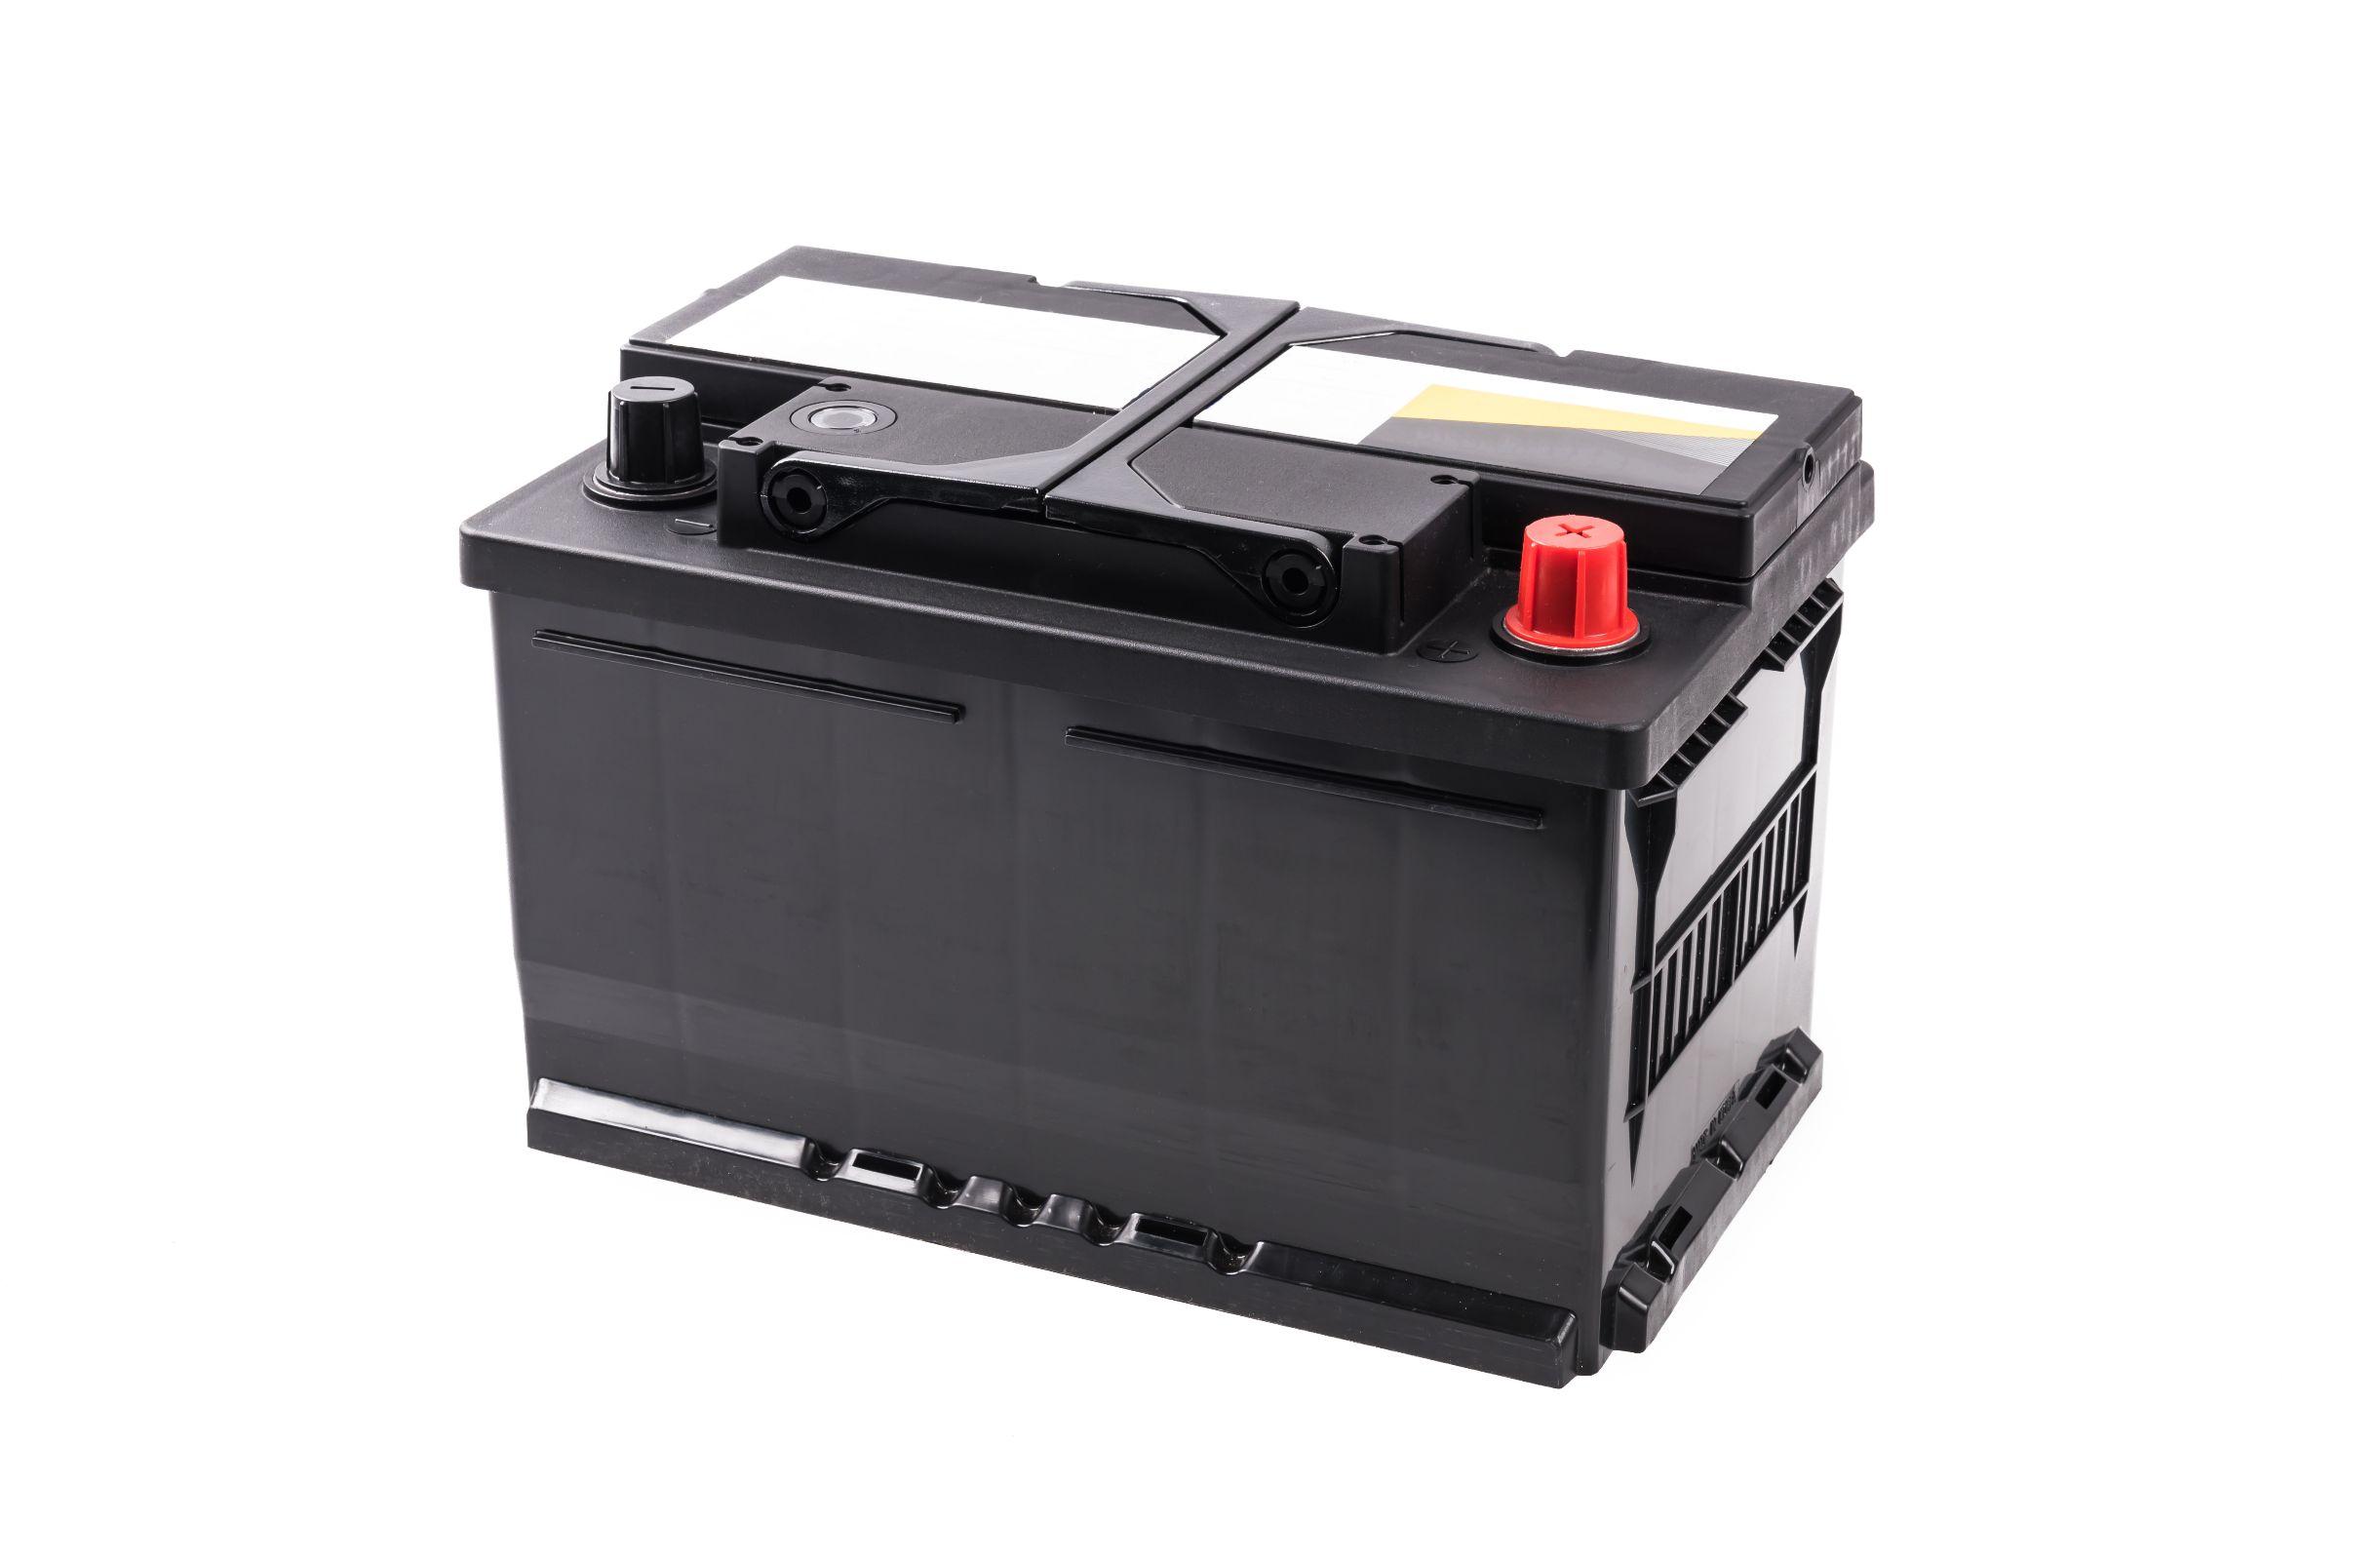 bateria de carro sem marca aparente